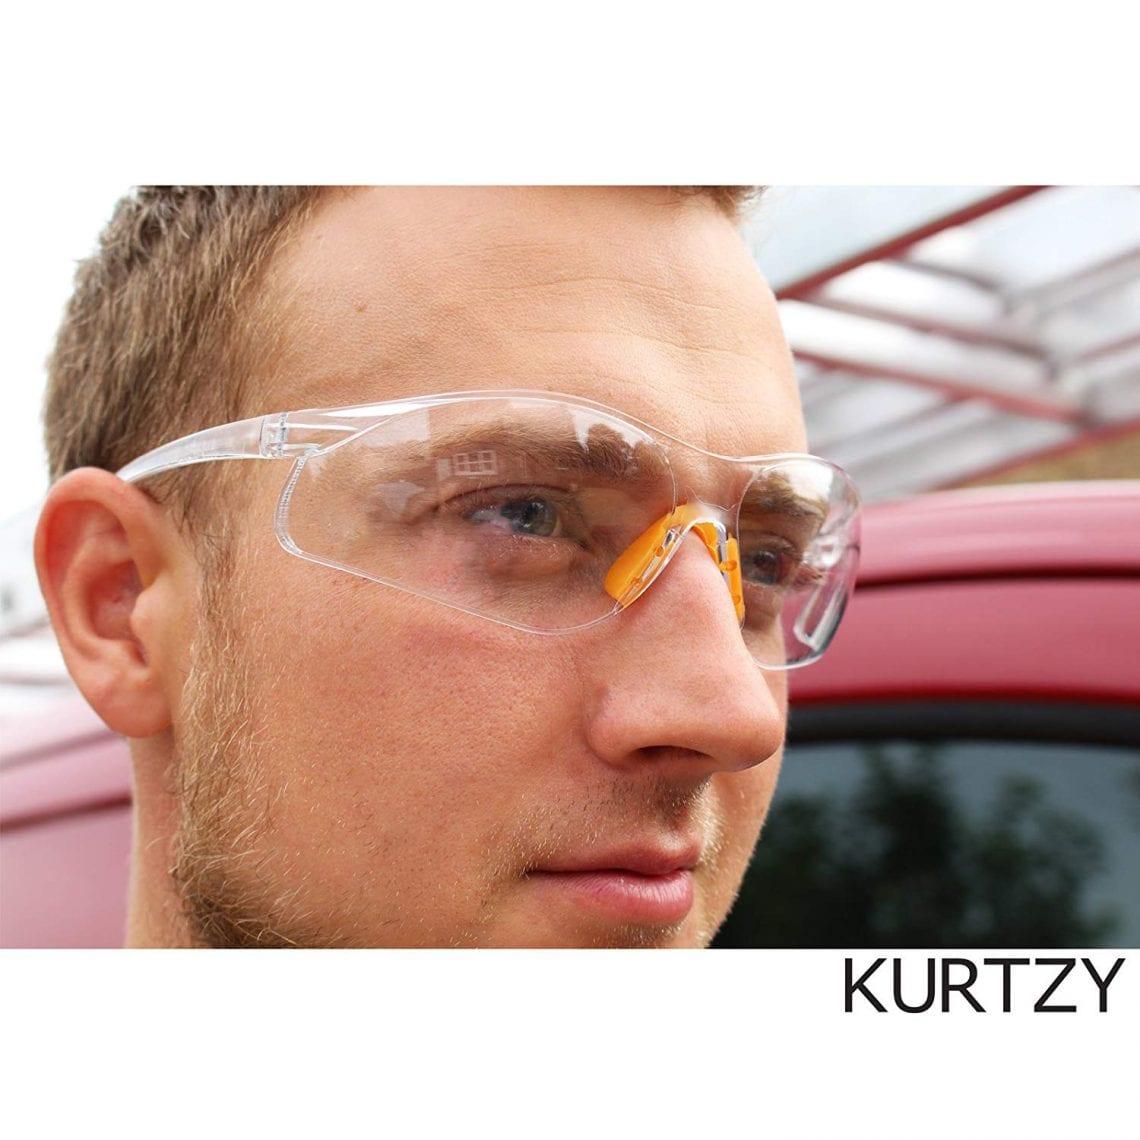 Les lunettes de protection ou lunettes de sécurité, sont des accessoires  indispensables pour toute personne travaillant dans le BTP, le secteur de  la chimie ... ebbcfc68242a